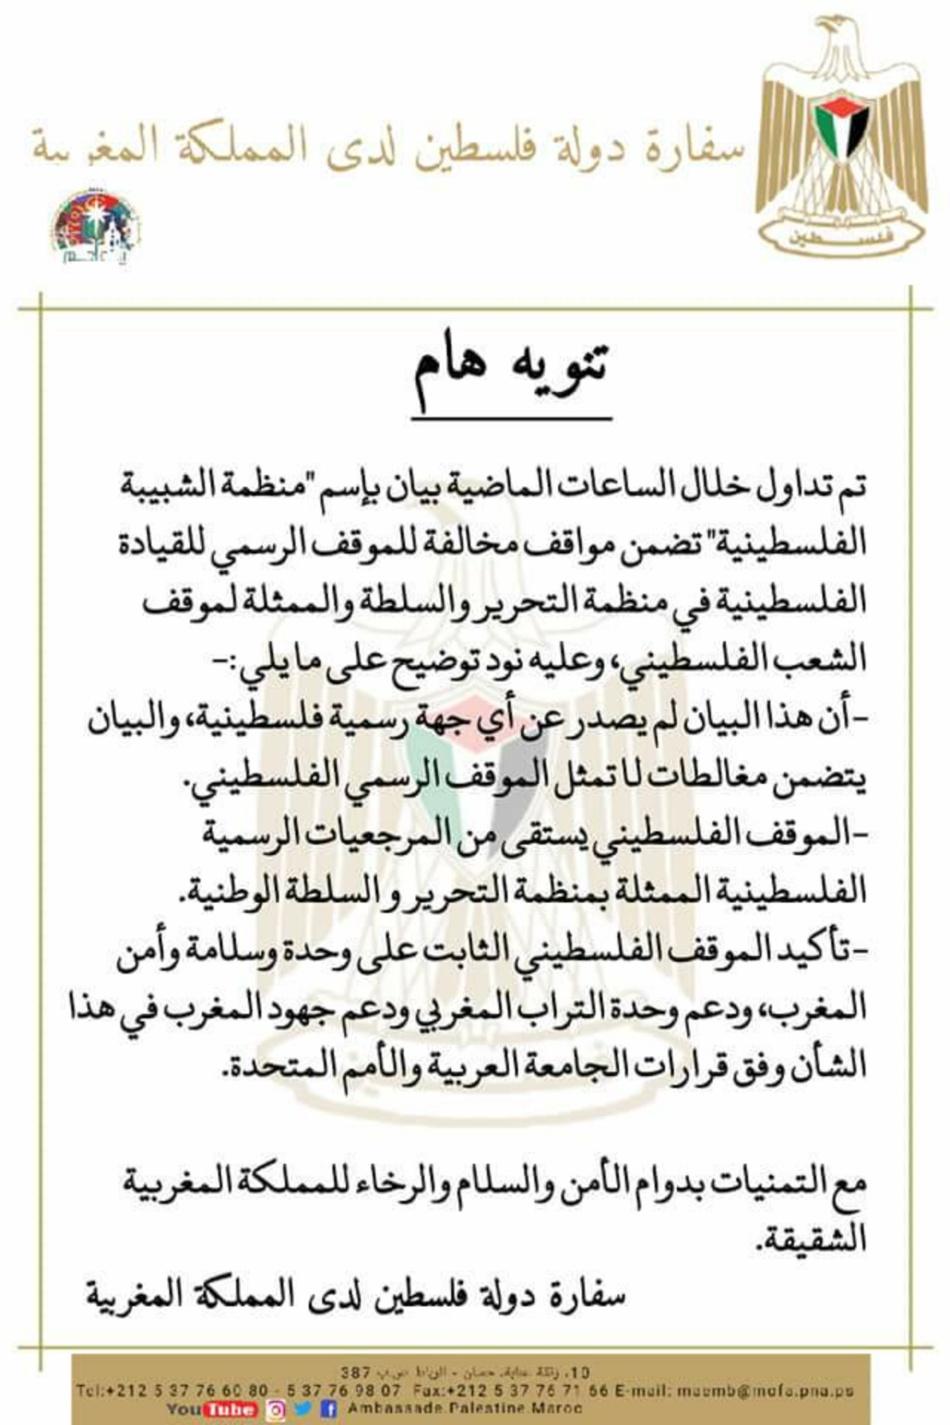 سفارة فلسطين تتبرأ من بيان وتنفي صدوره عن جهة رسمية